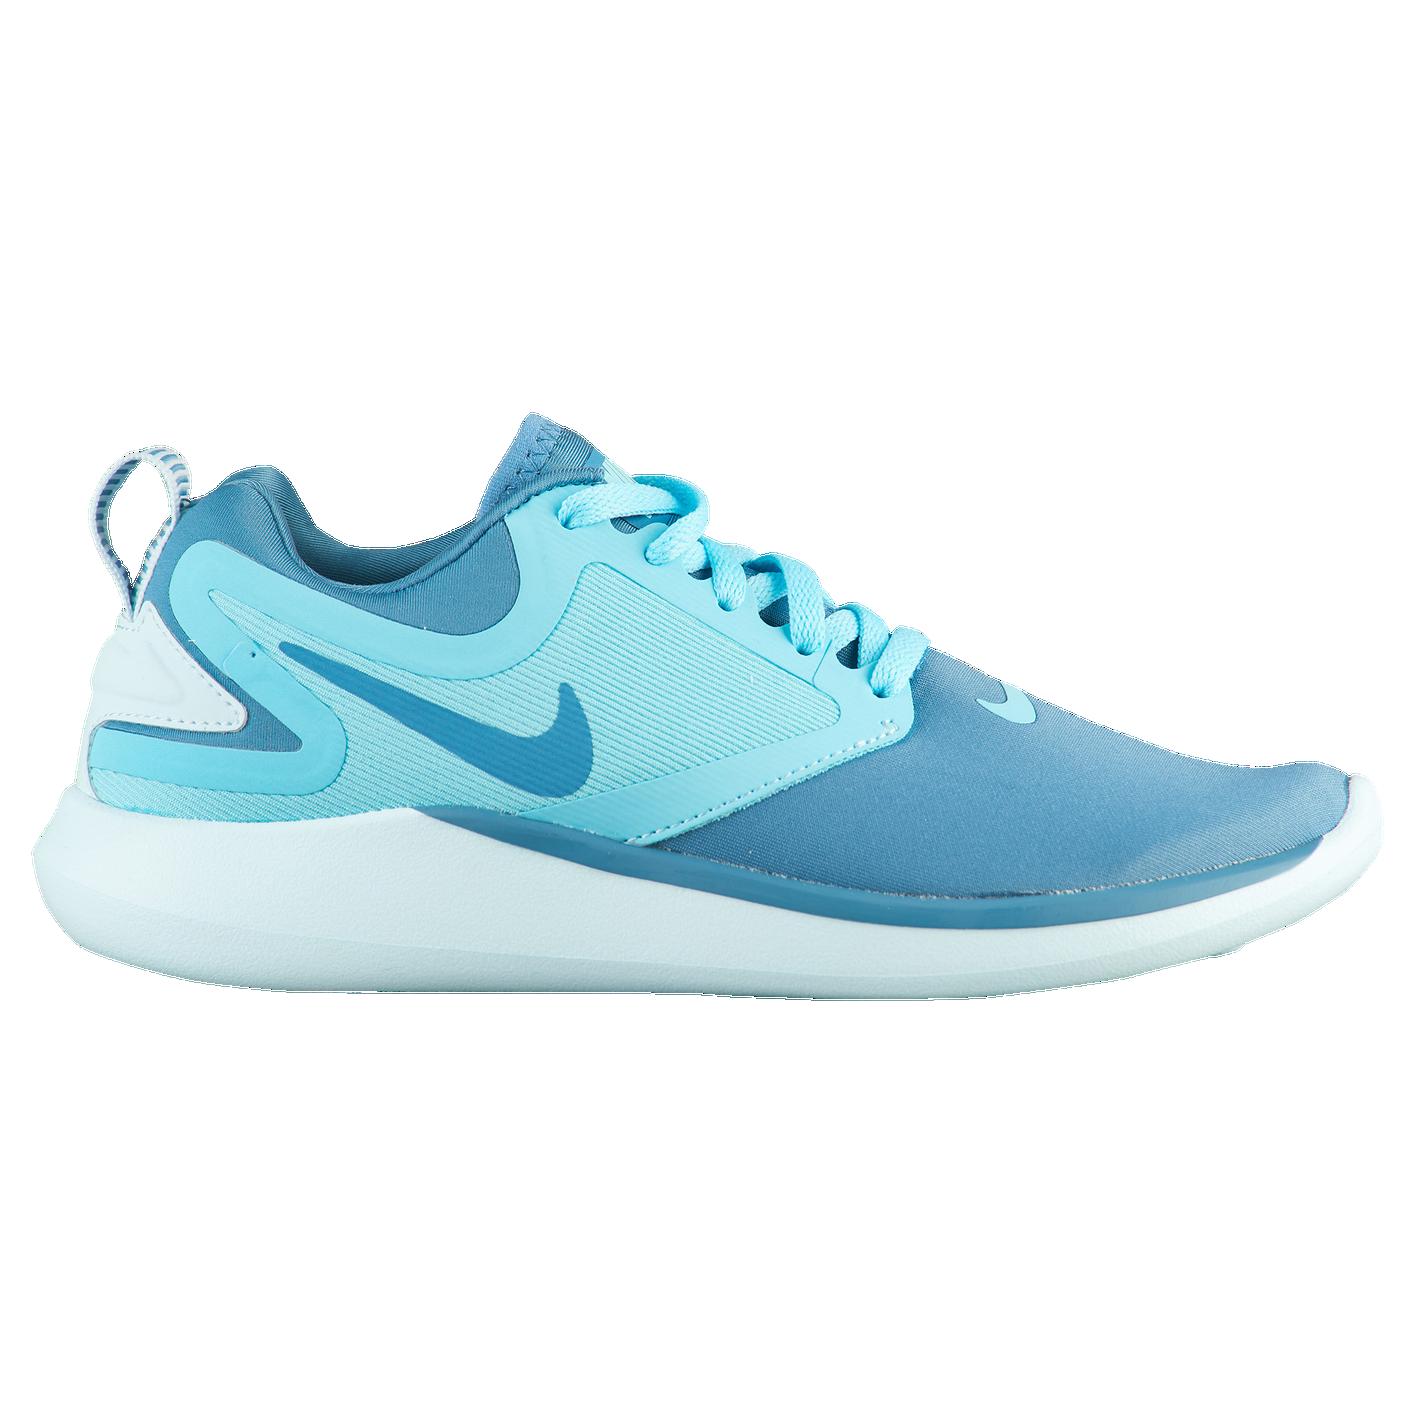 05052c327e2c Nike LunarSolo - Girls  Grade School - Running - Shoes - Noise Aqua ...